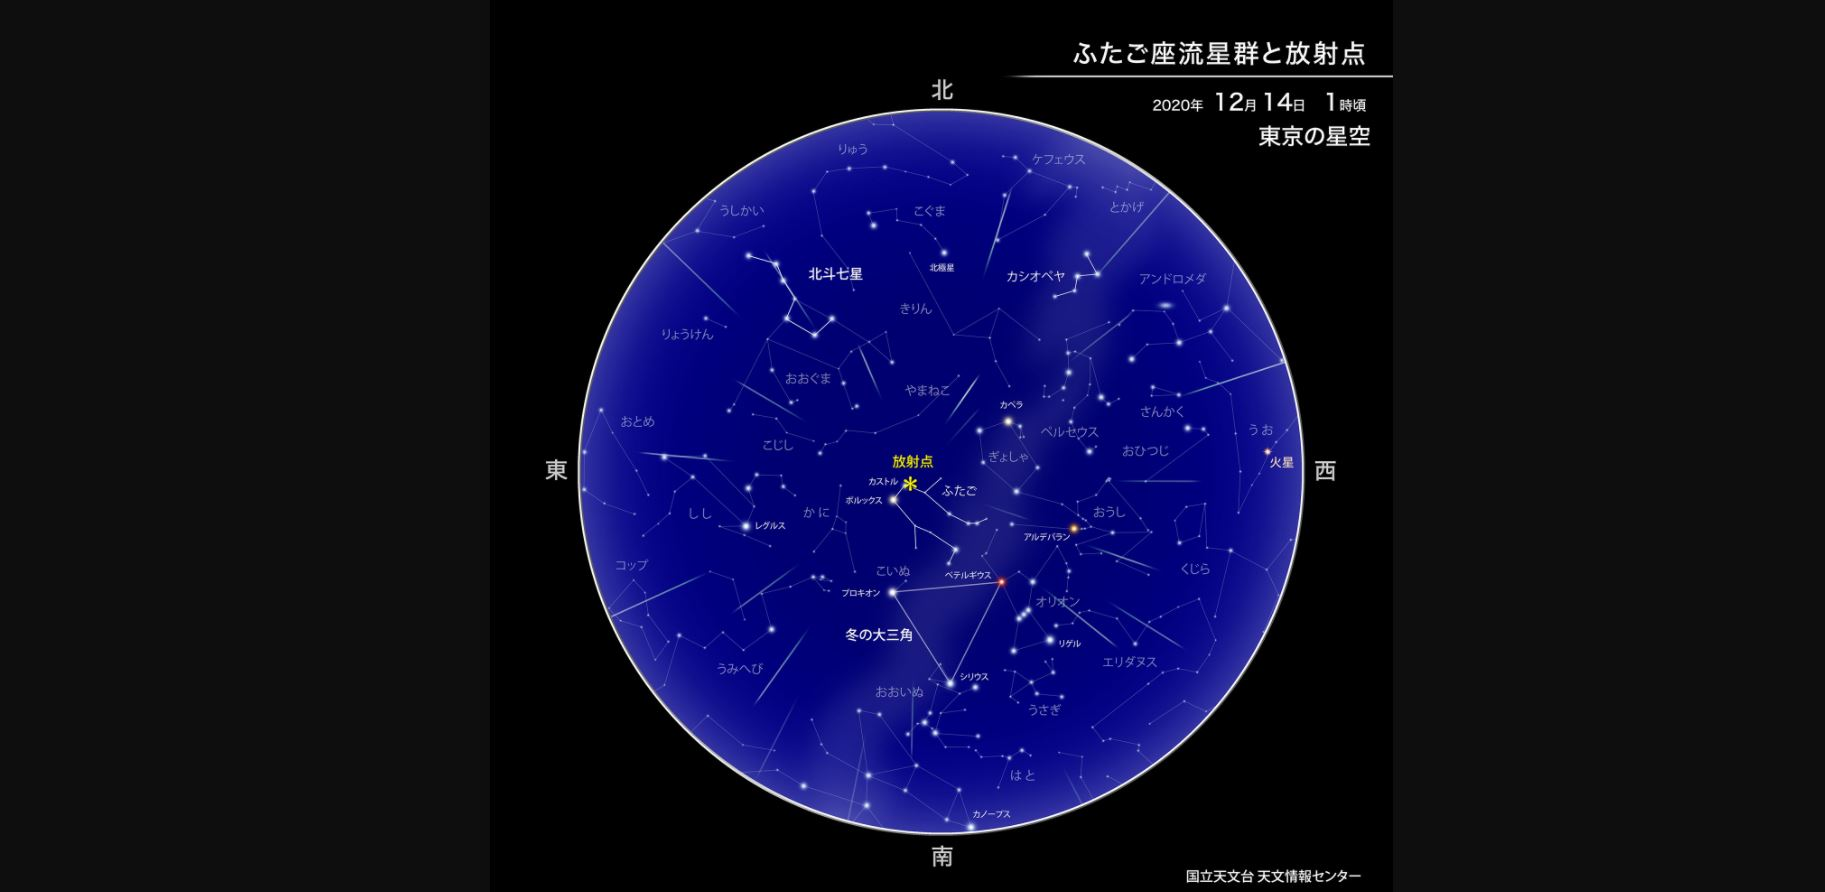 双子座流星群放射点